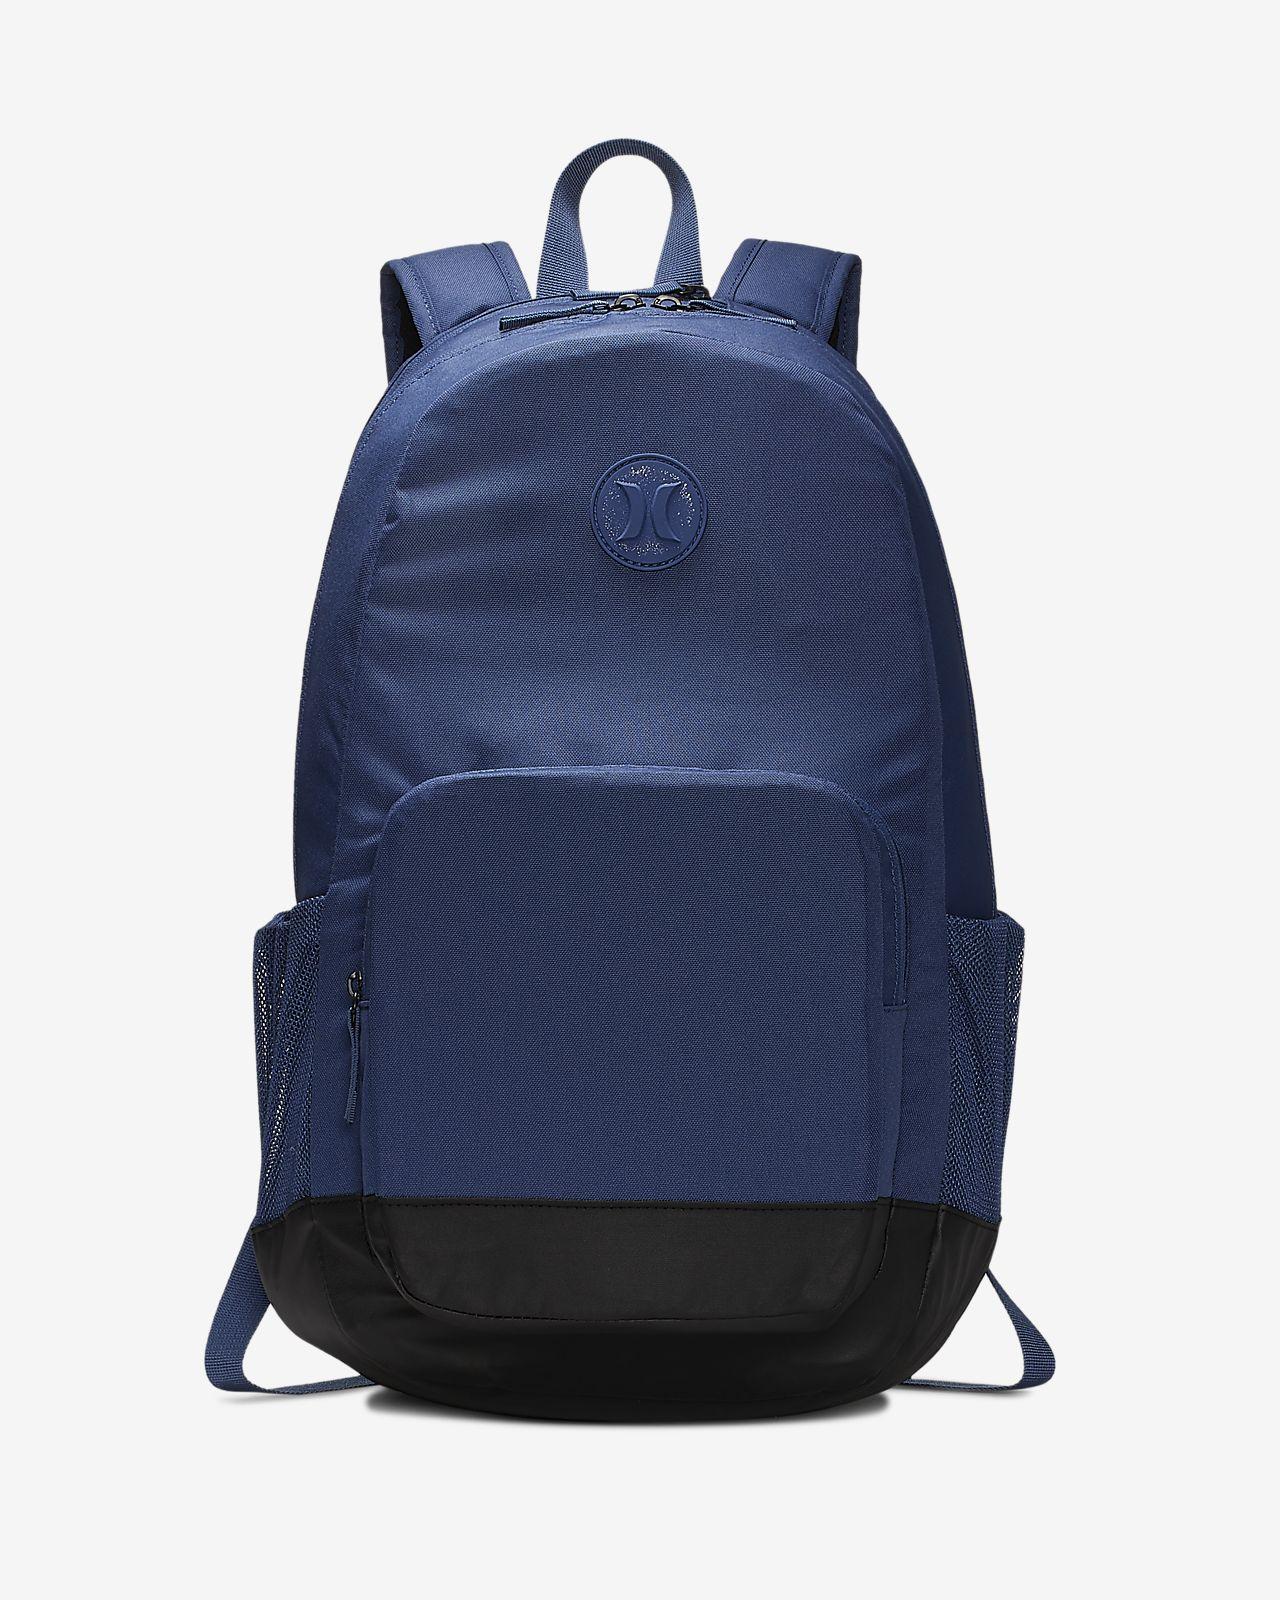 Hurley Renegade II Solid Backpack